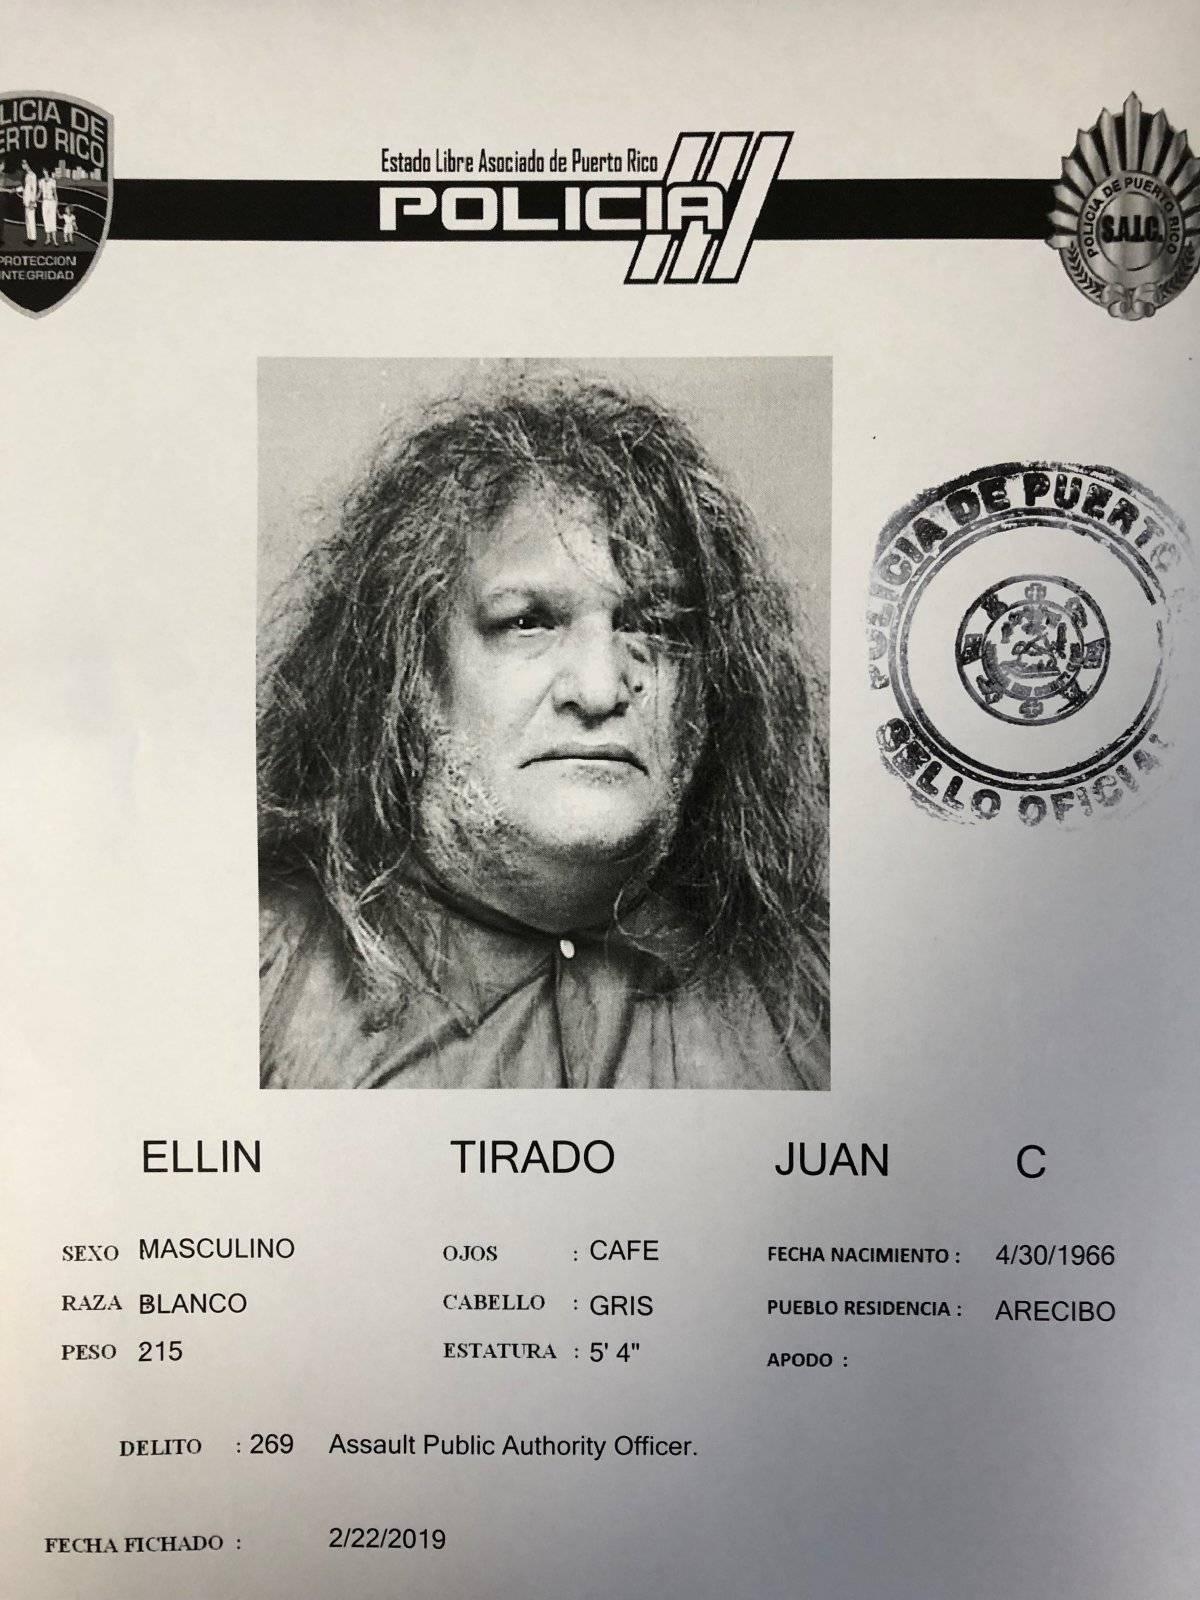 Juan C. Ellin Tirado